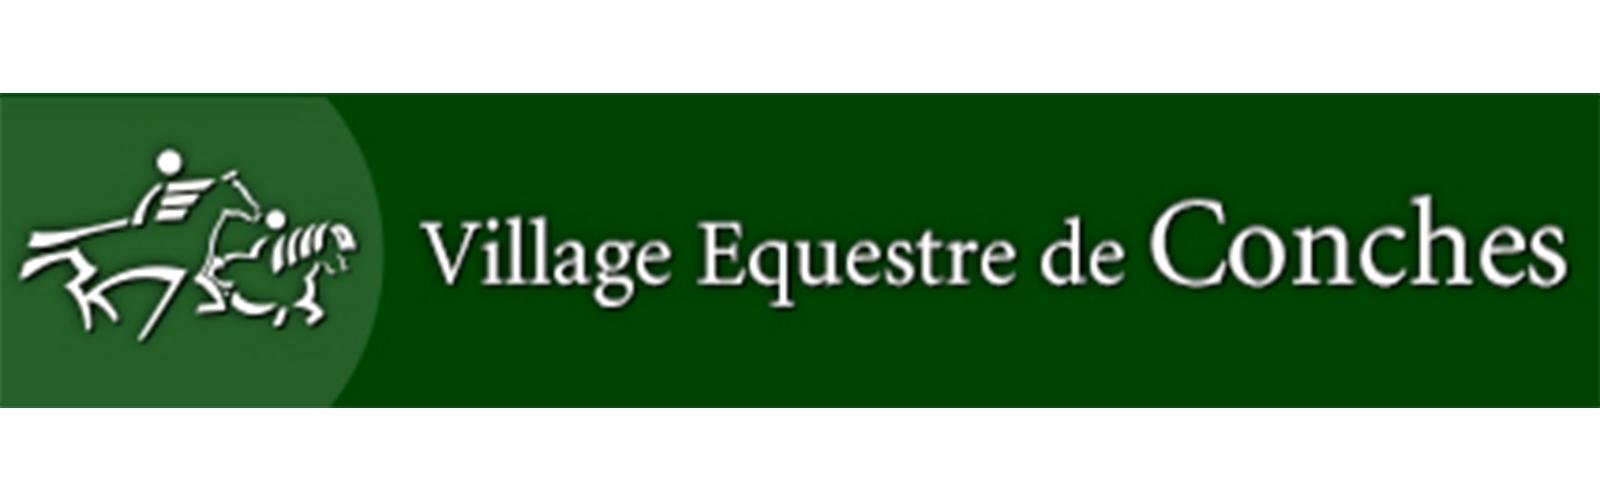 Village-Equestre-De-Conches